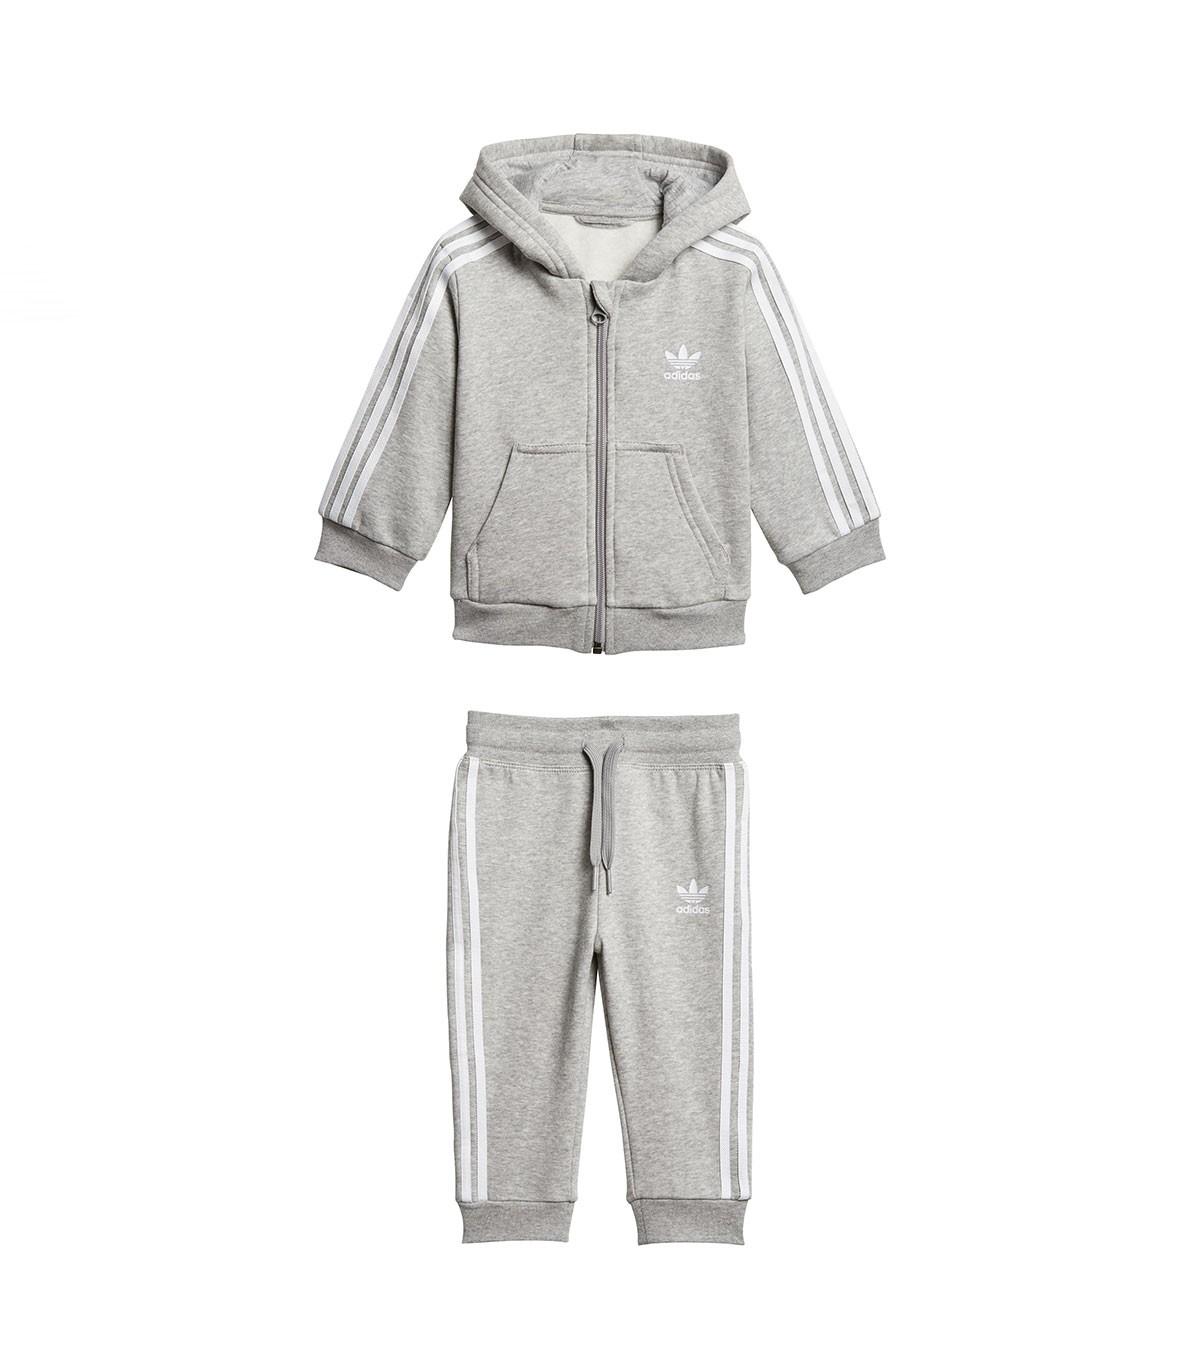 a8ccfb7f0b2 Buy chandal adidas trf fz hood